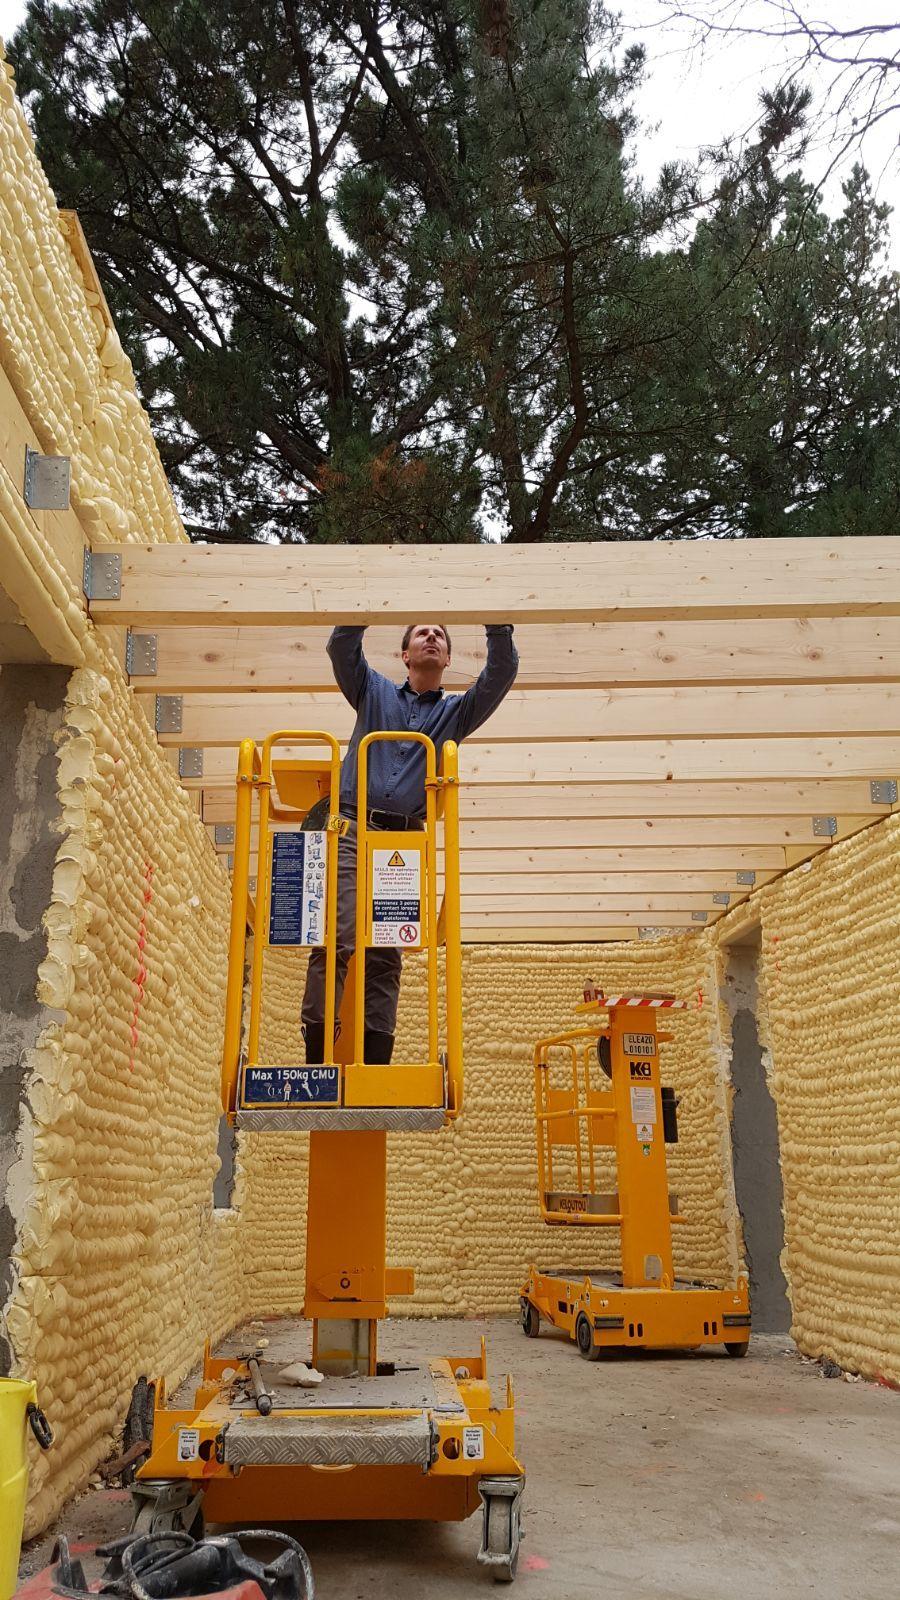 La premi re maison 3d est nantes le bois sa source for Construction maison 3d a nantes